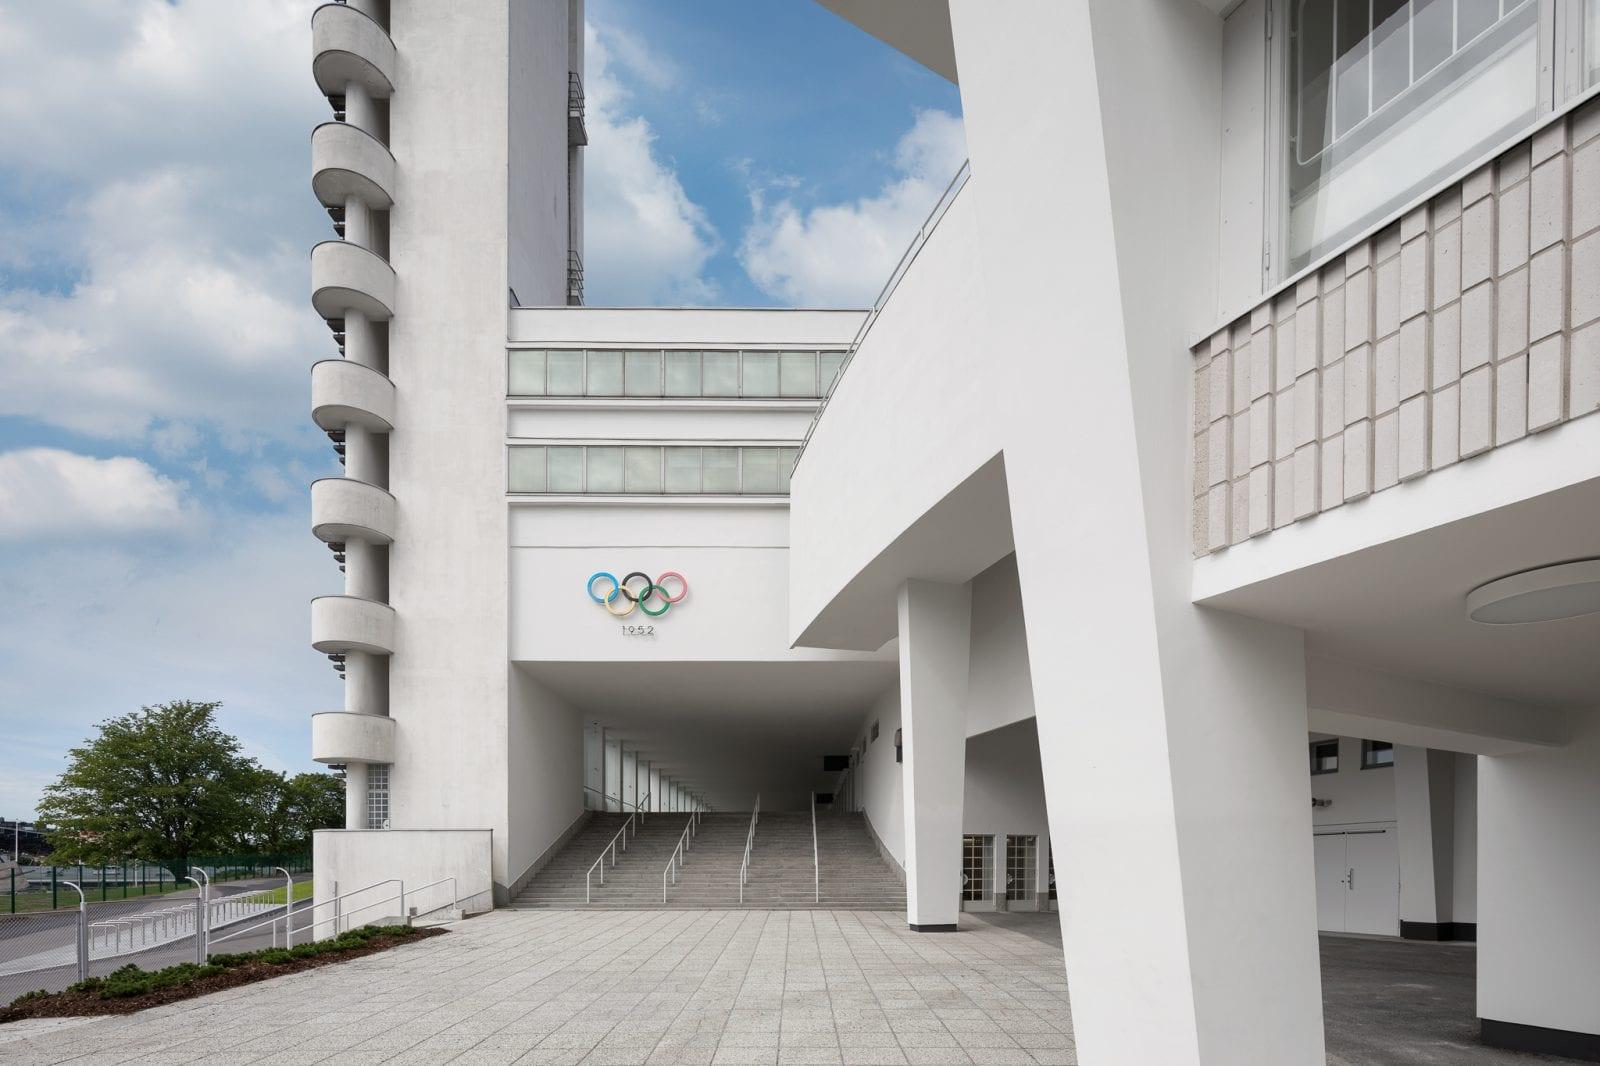 Eingangsbereiche des modernisierten Olympiastadions in Helsinki (Foto: Wellu Hämäläinen)